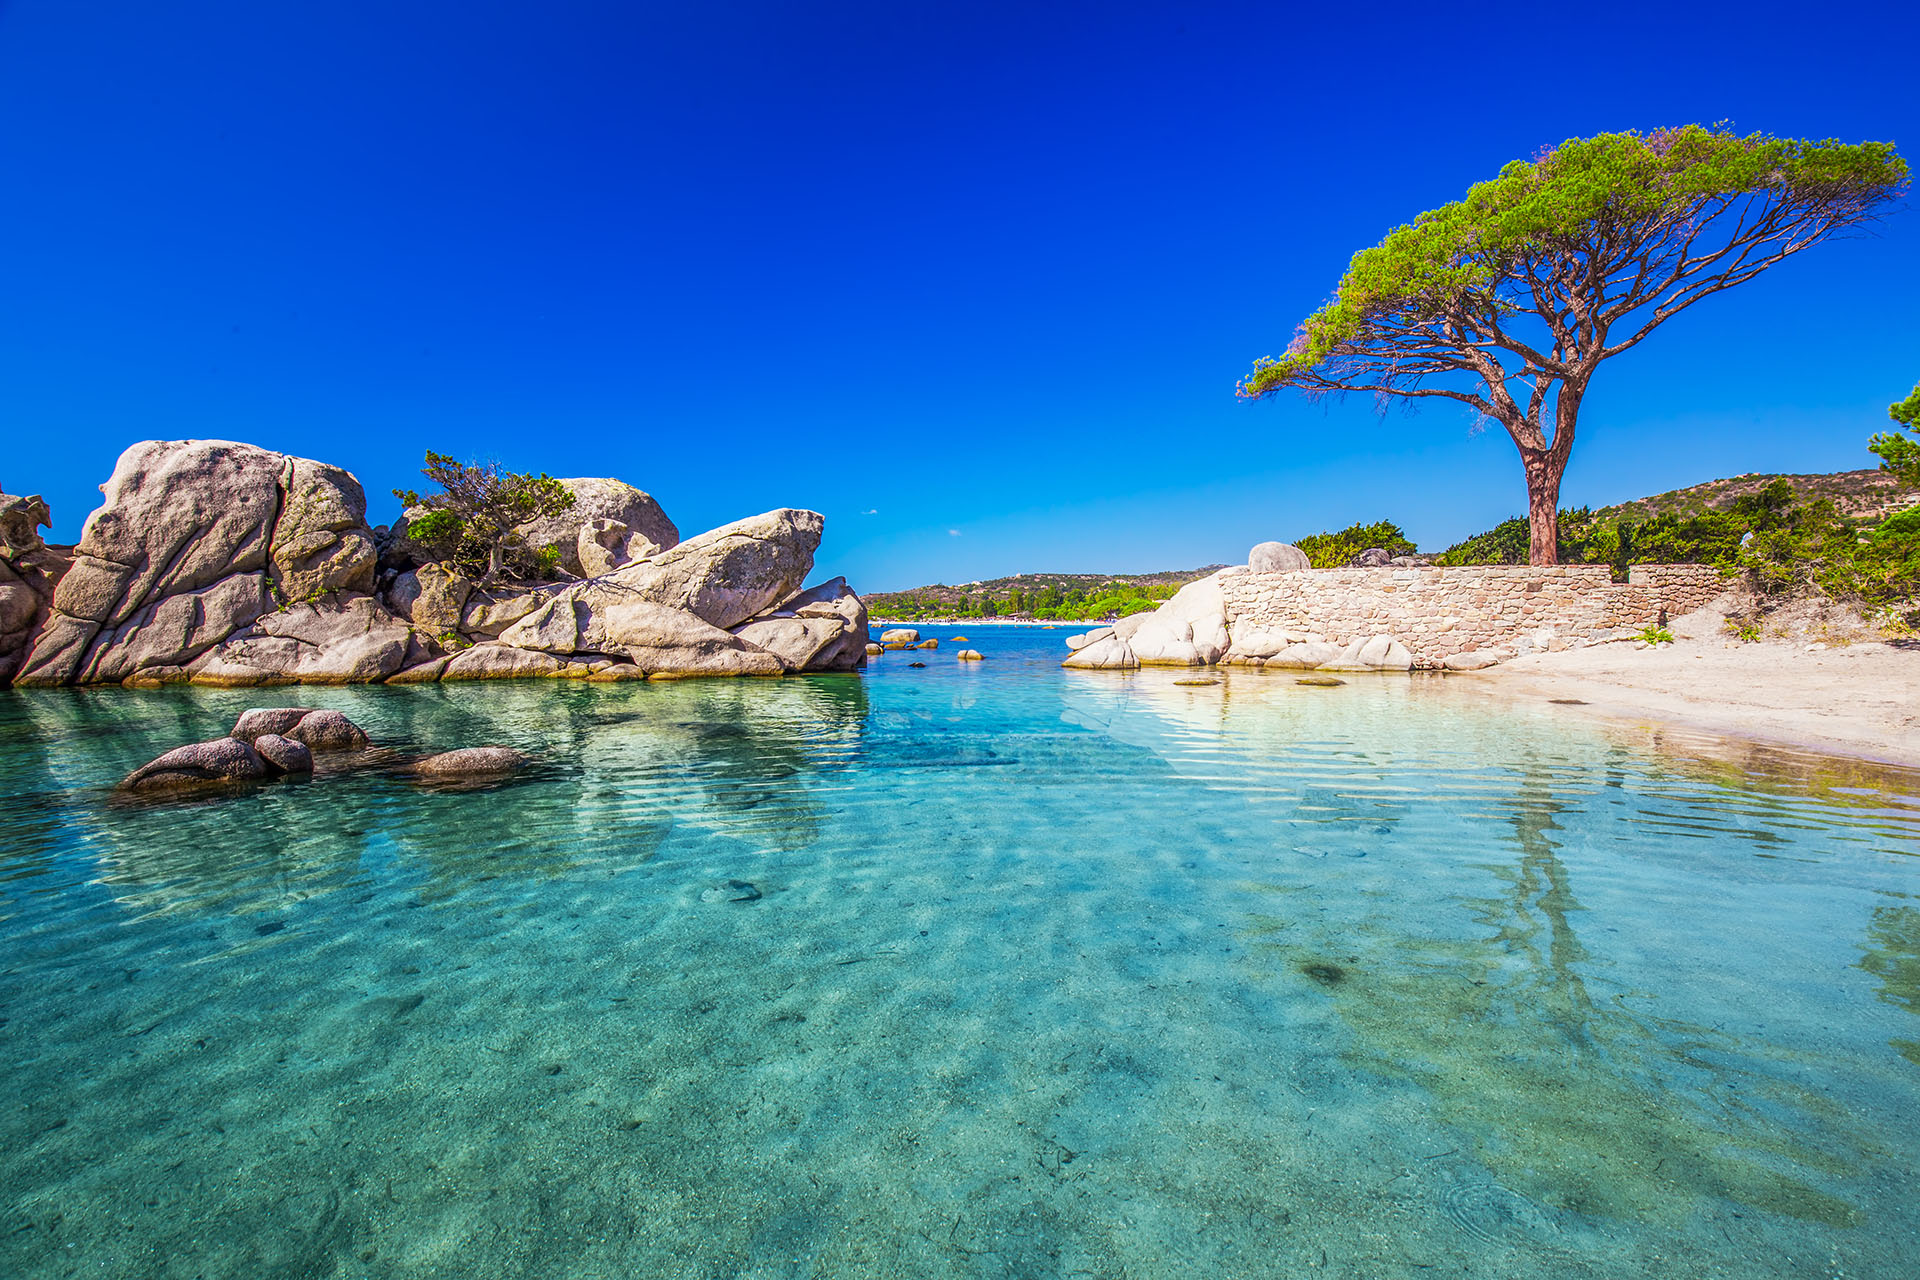 Esta es la playa más famosa de toda la isla. La playa de Palombaggia es una de las mejores de Córcega, con arena blanca fina y estructuras rocosas dentro del mar. Se enfrenta a hermosos mares azules y está bordeada de hermosos pinos